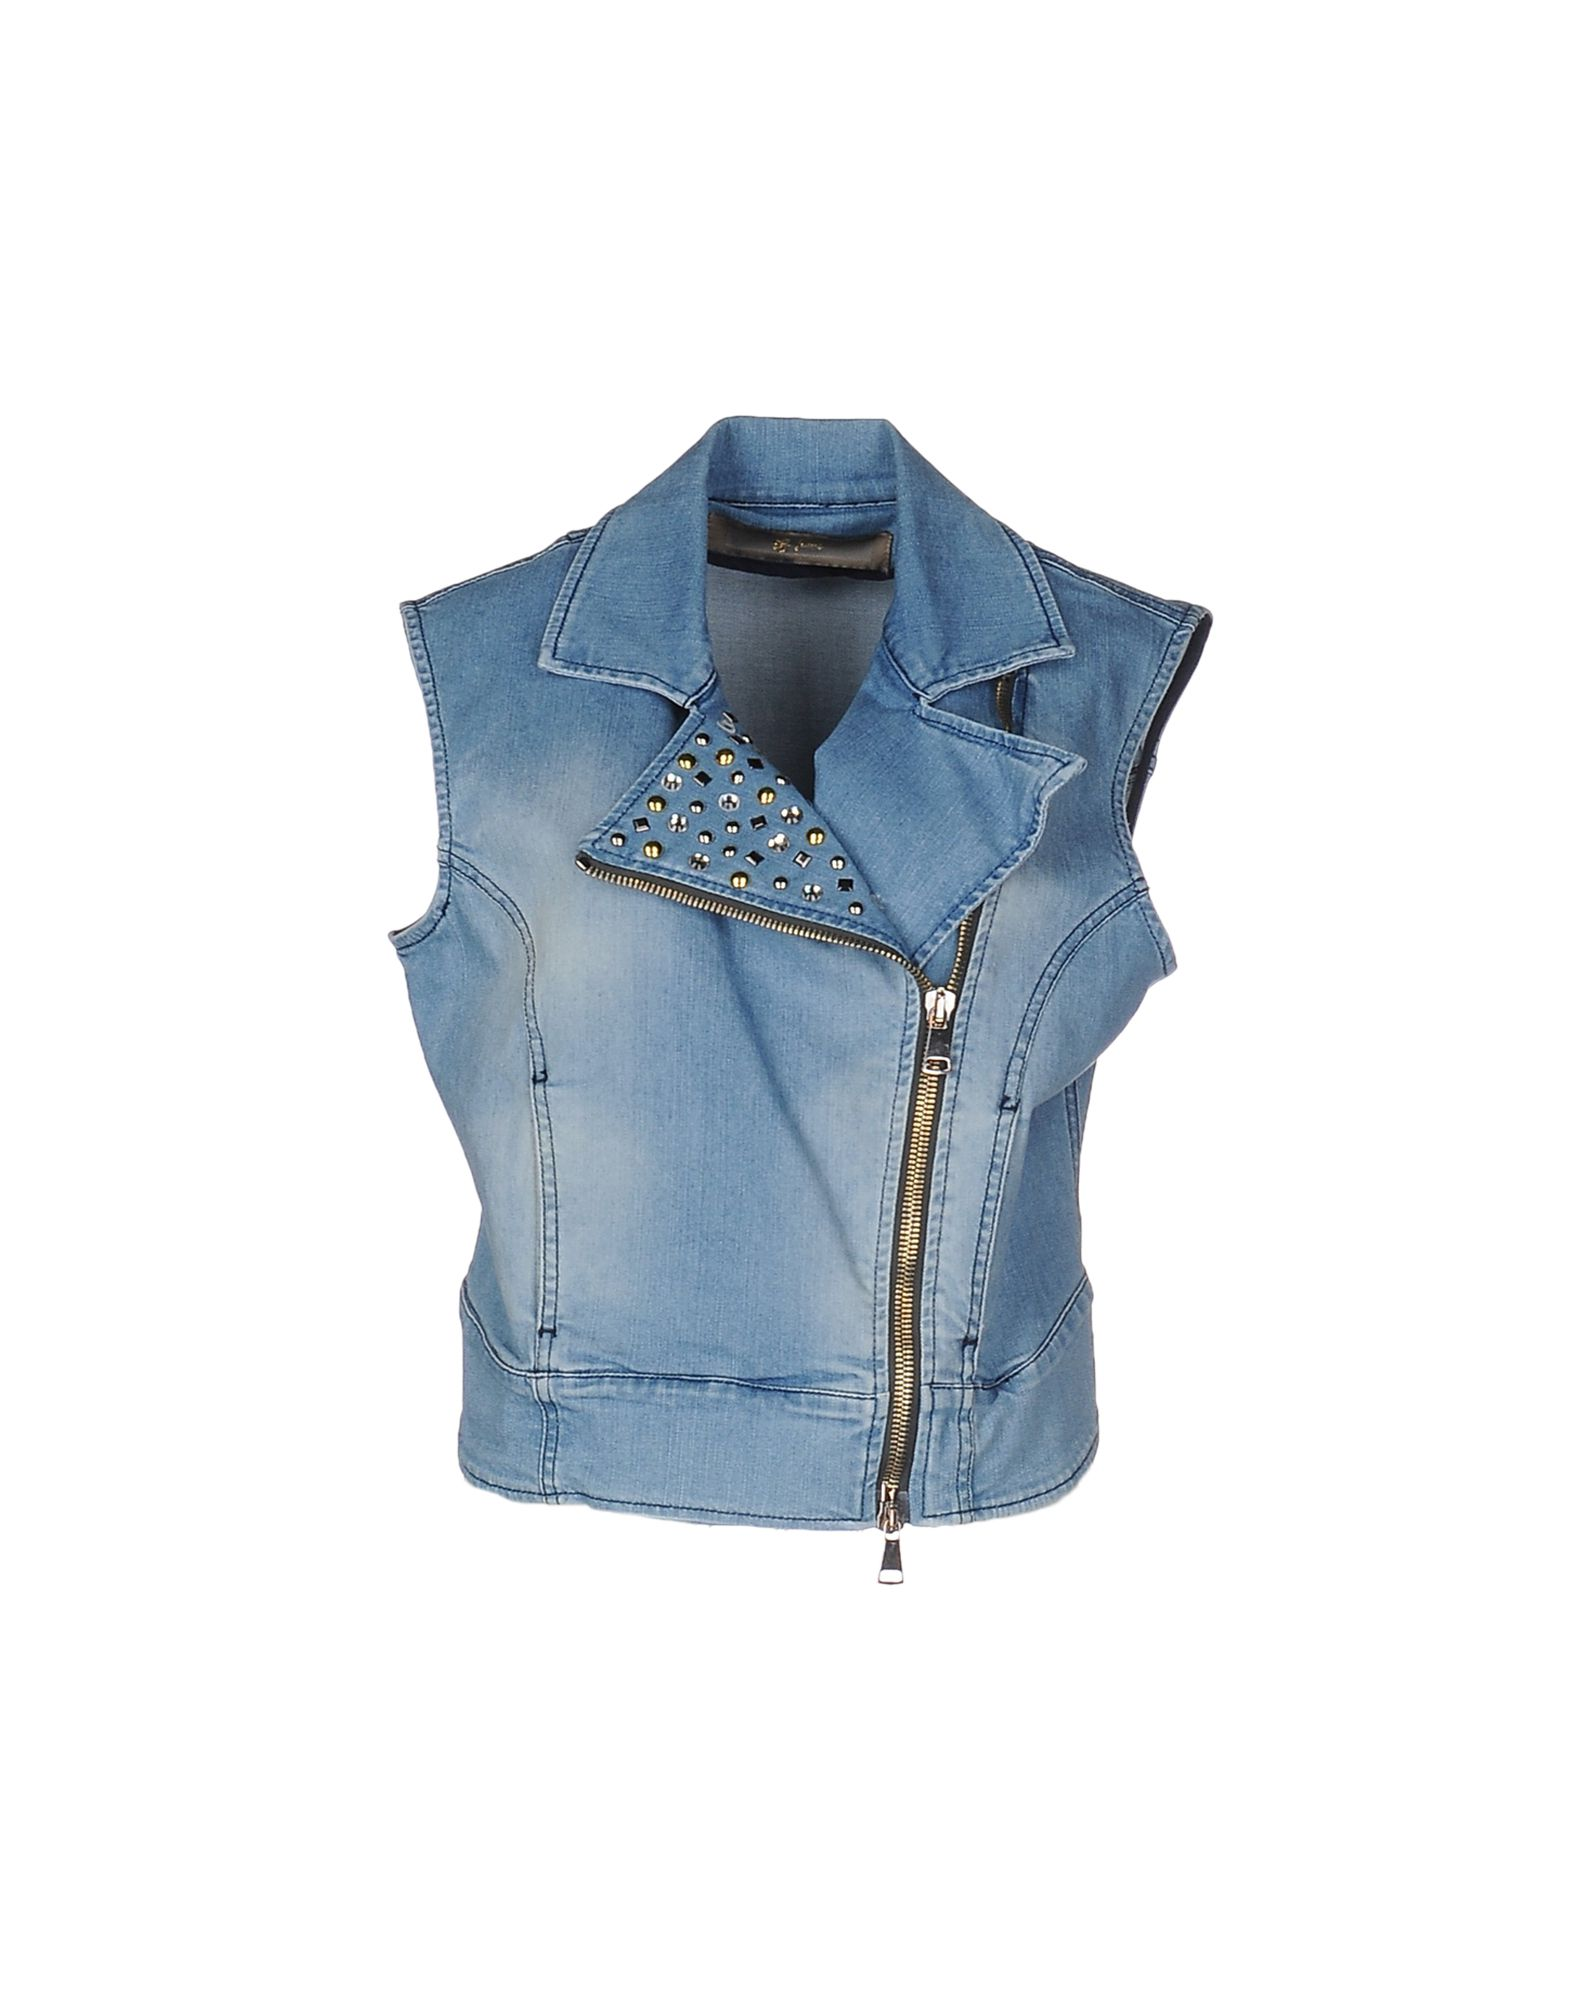 BB JEANS LONDON Джинсовая верхняя одежда цена 2017